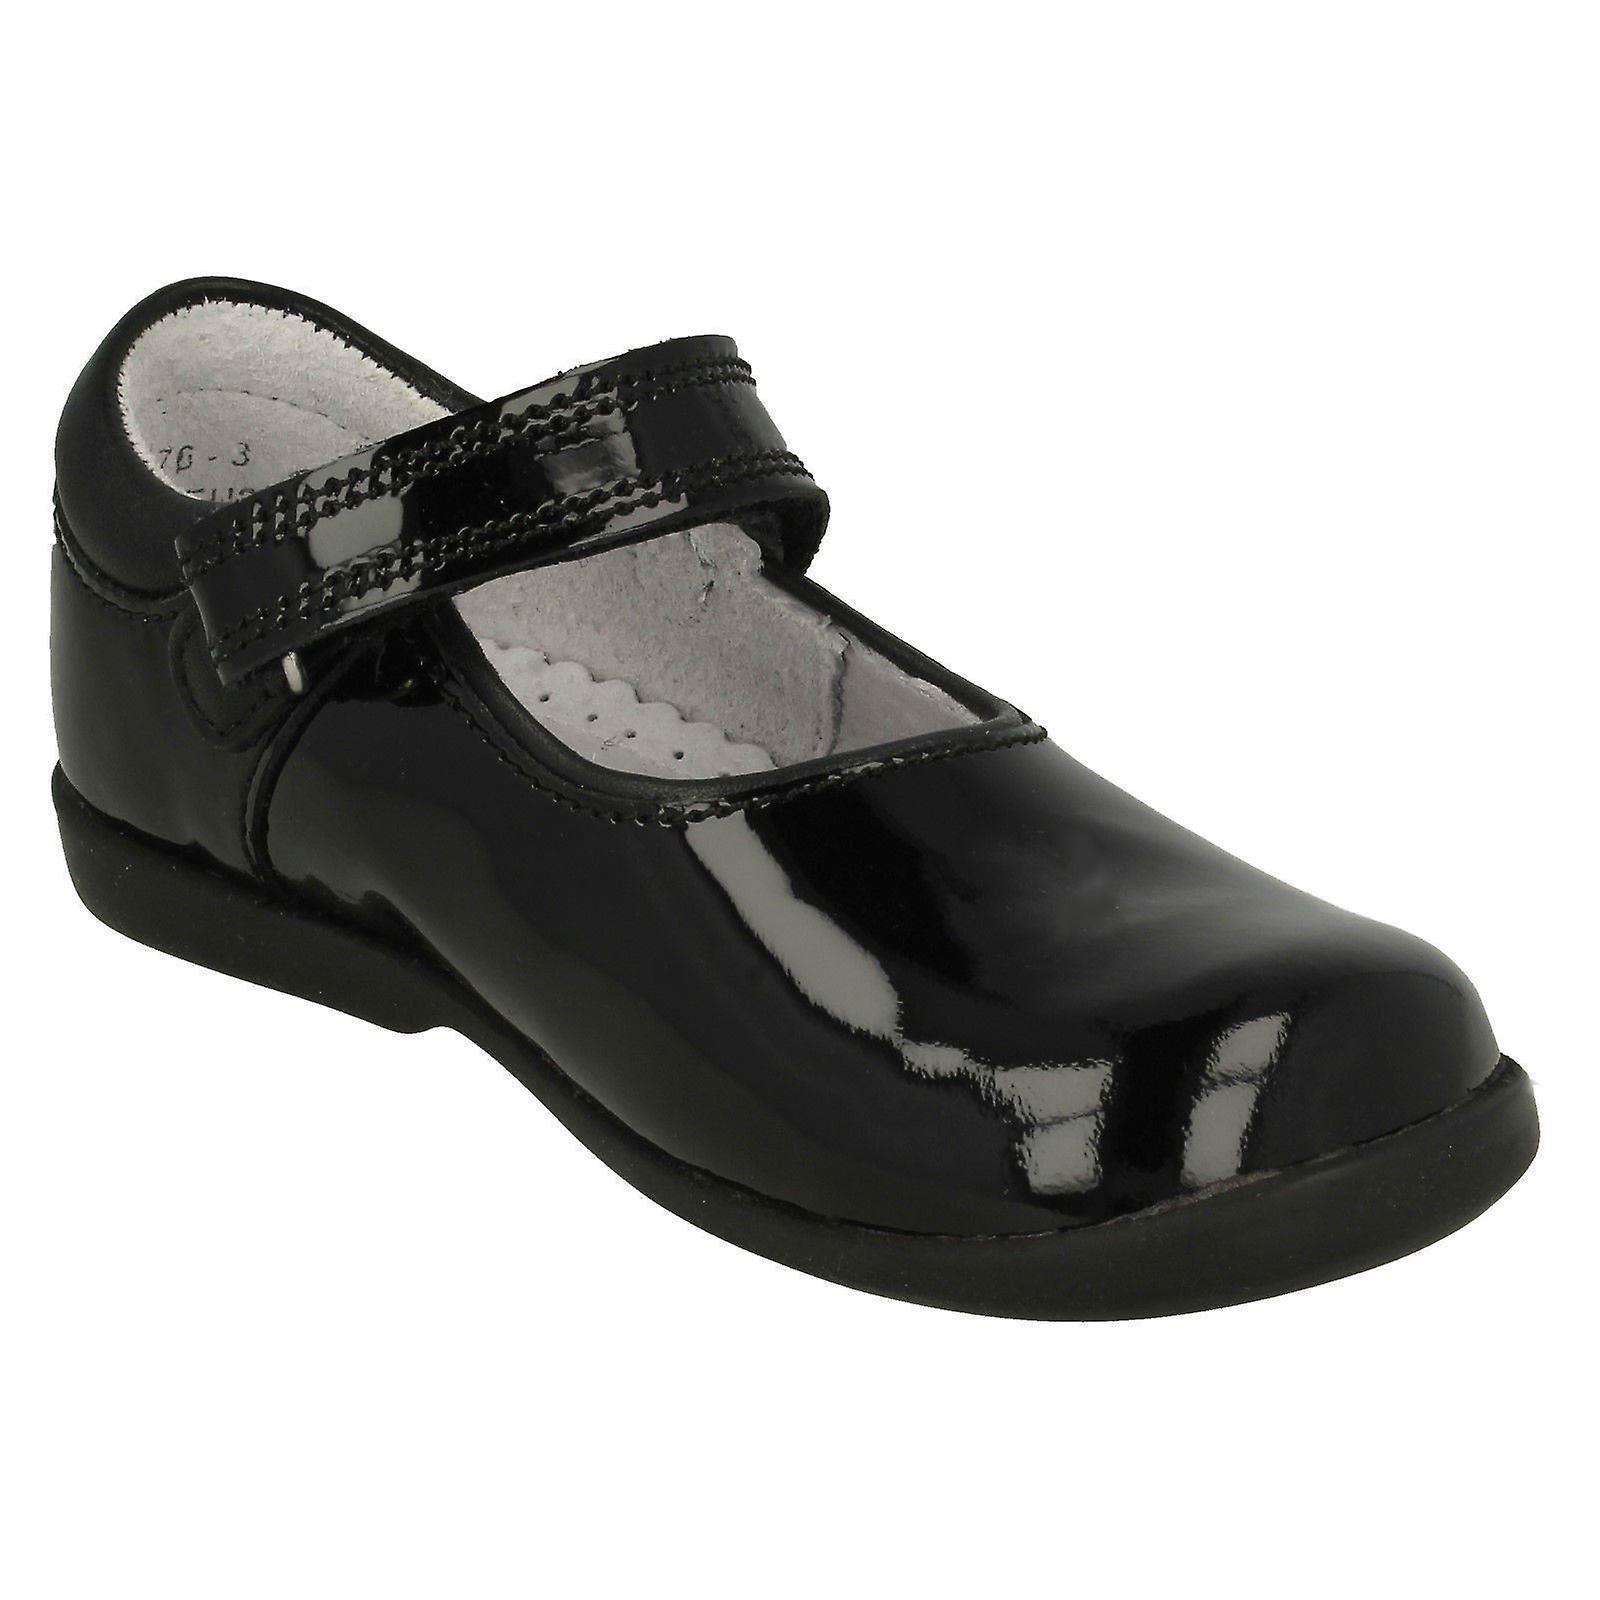 Girls Startrite Hook And Loop Fastening Shoes Slide